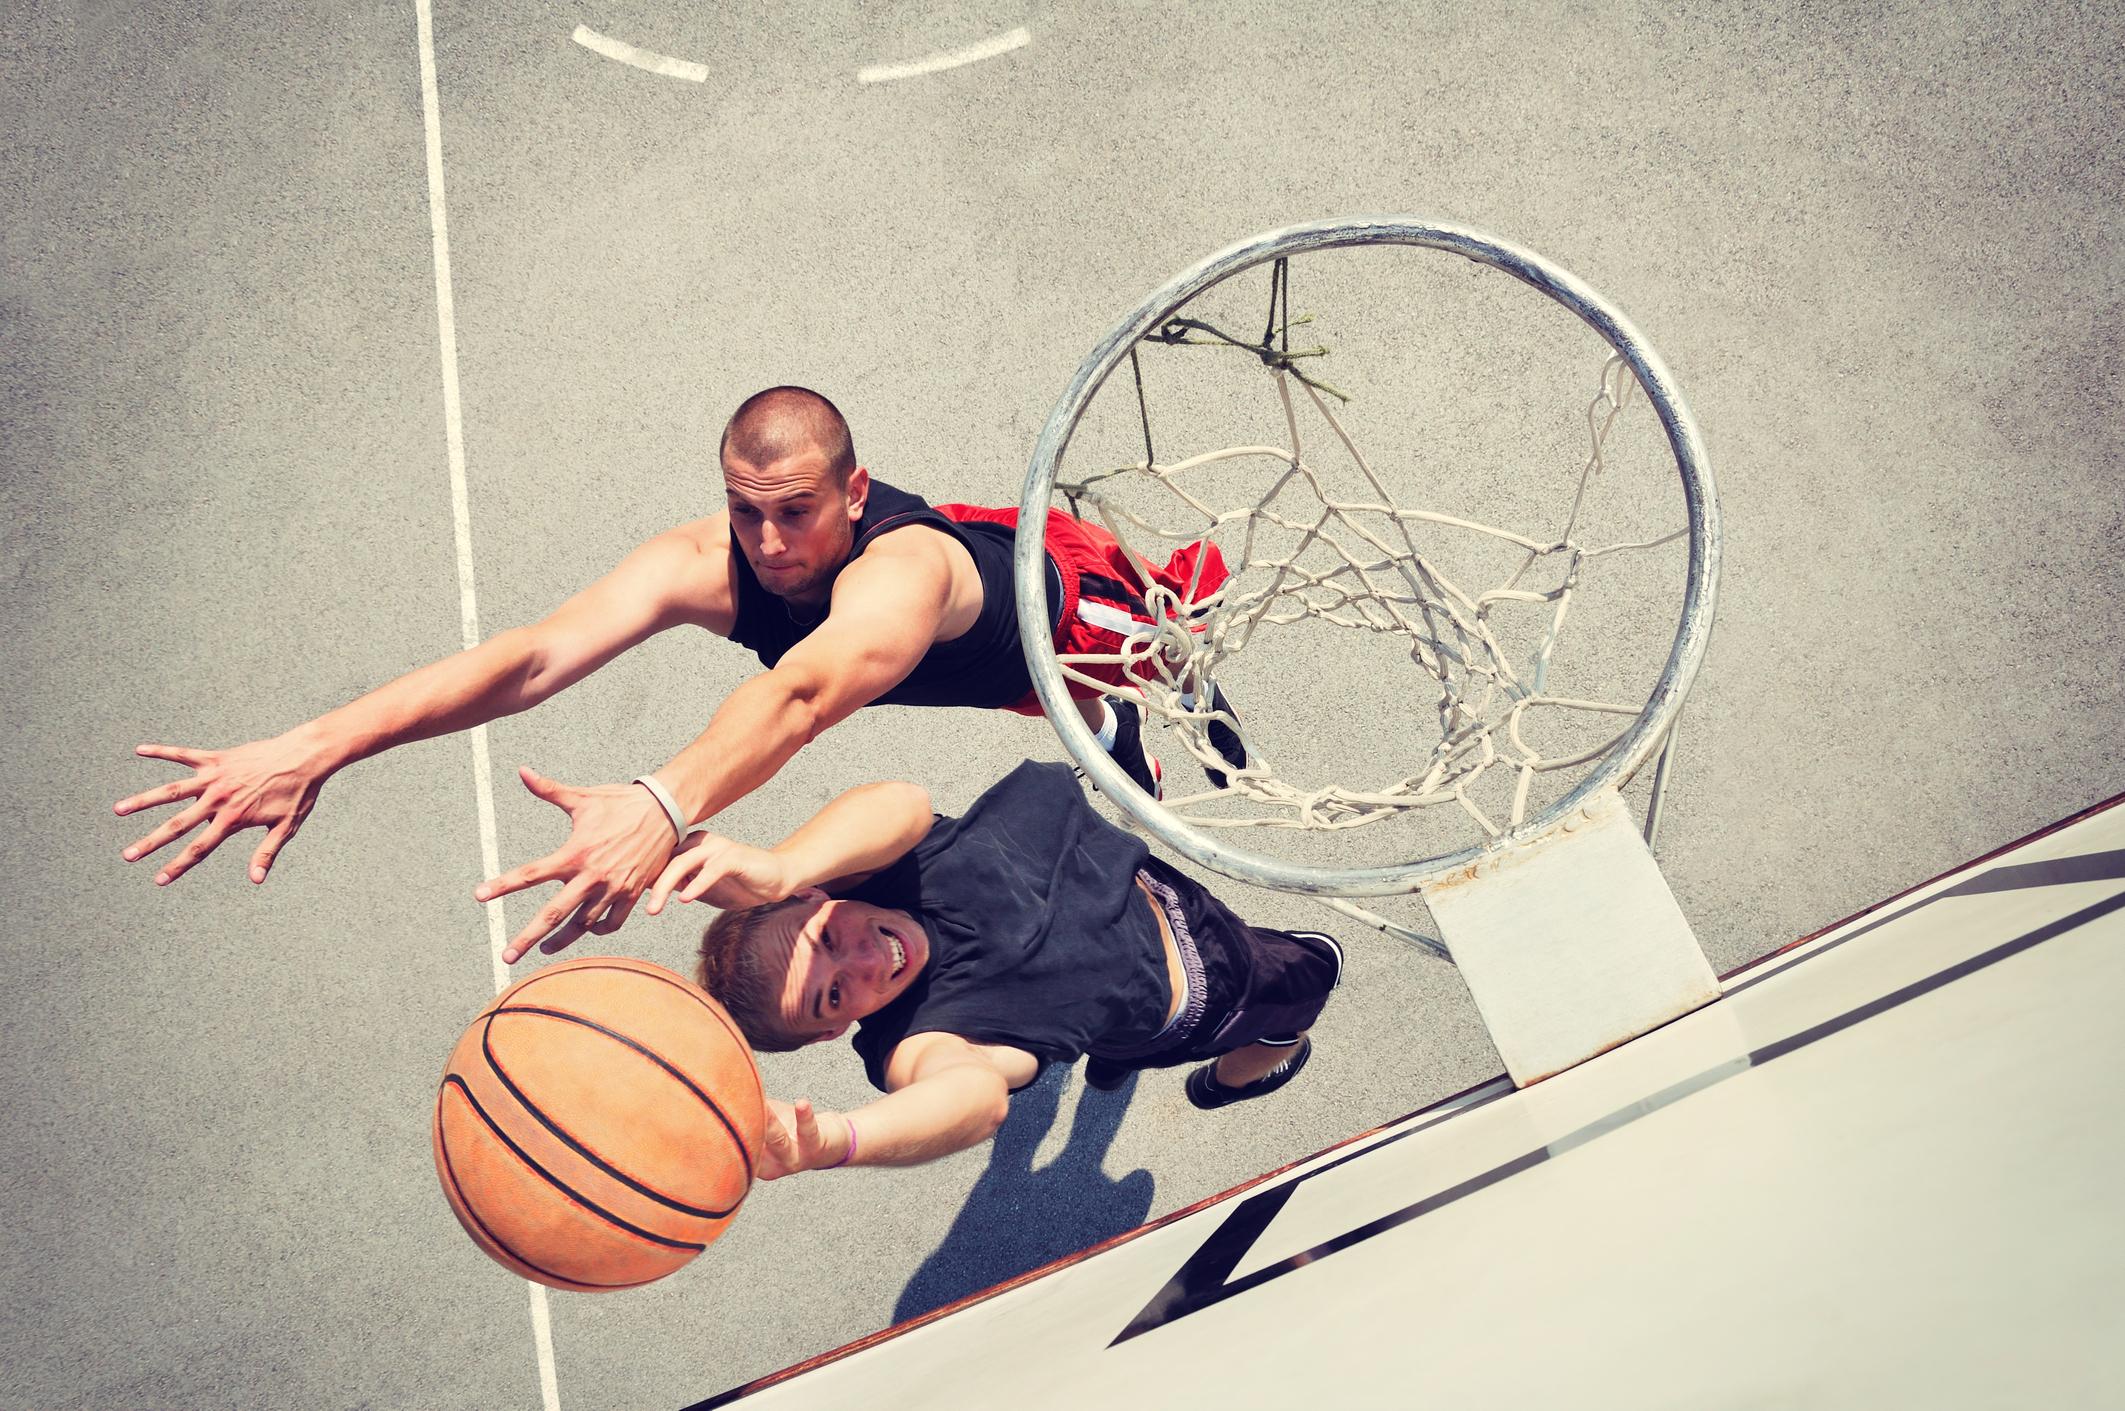 Two men playing pickup basketball